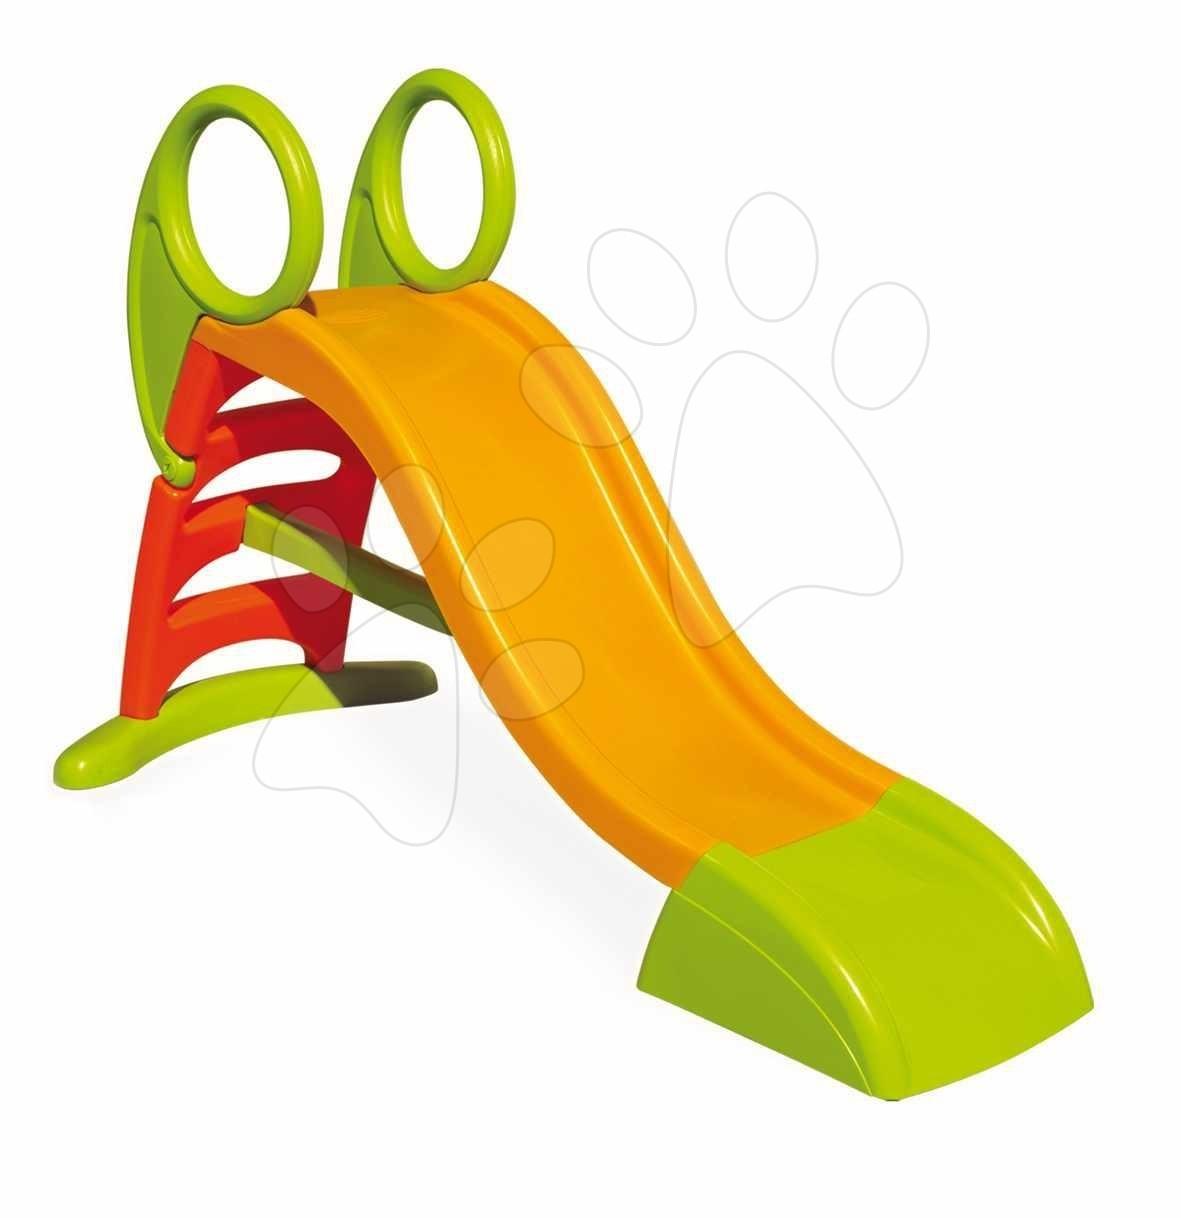 Skluzavky pro děti - Skluzavka Toboggan KS Smoby 150 cm délka 1,5 m žluto-červená od 24 měsíců